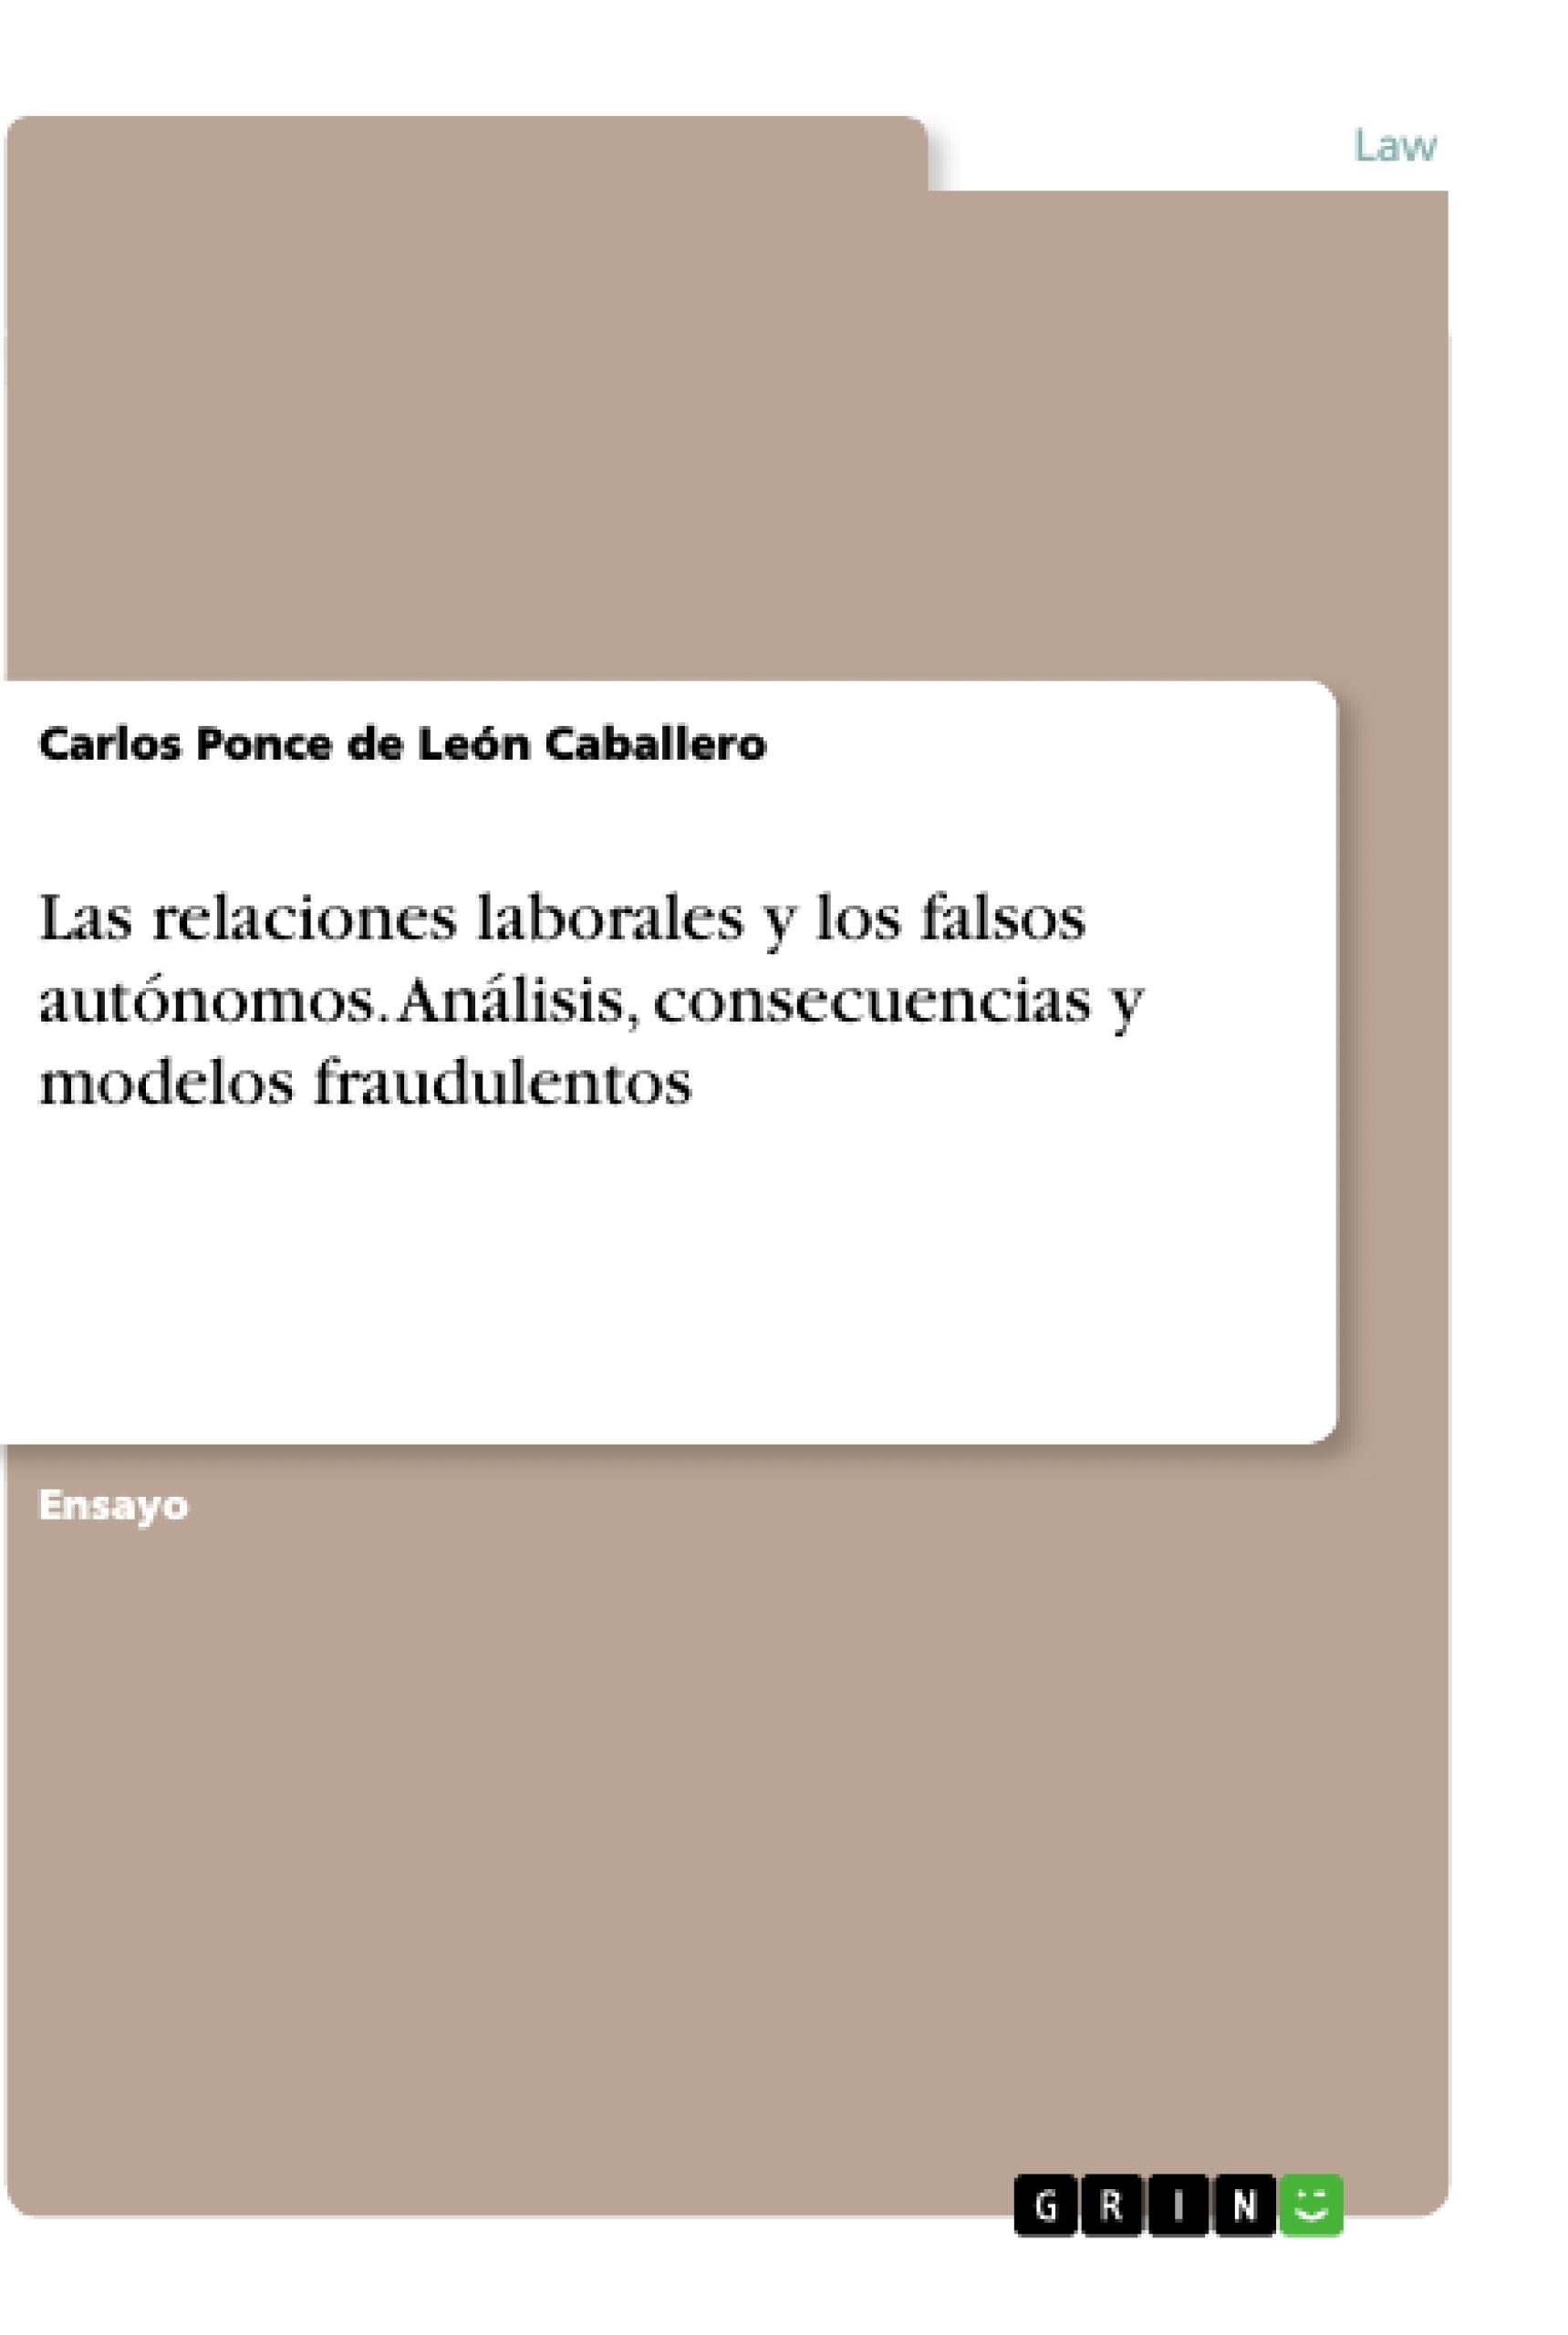 Título: Las relaciones laborales y los falsos autónomos. Análisis, consecuencias y modelos fraudulentos